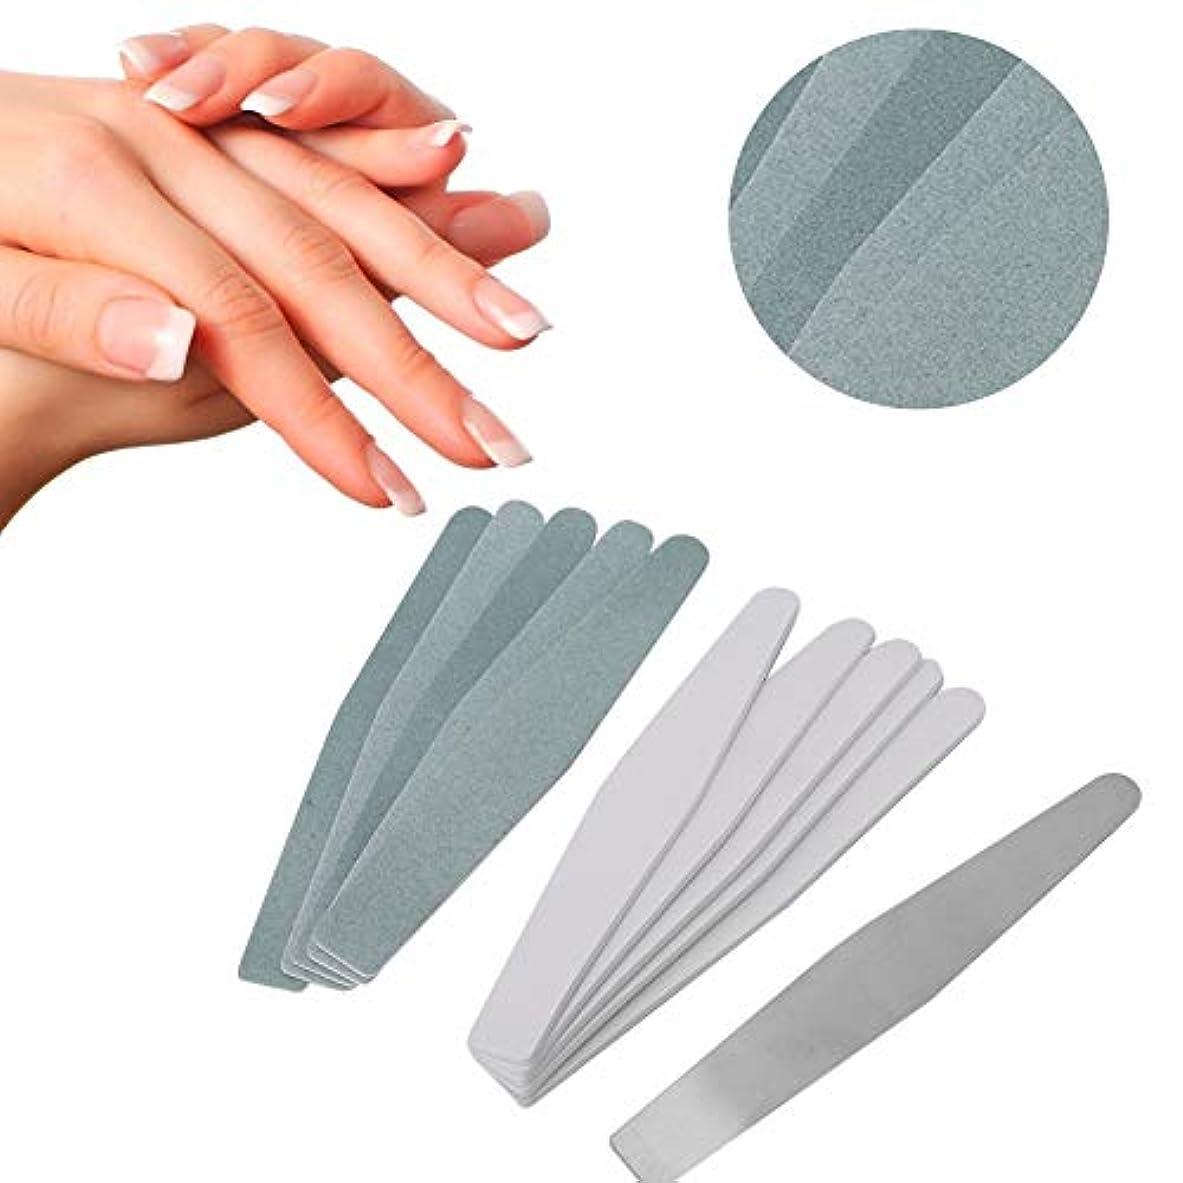 気体の結婚式責任者ネイルアート 緩衝ファイル 磨く釘の芸術のための取り替え可能なステンレス鋼の釘砂棒(01)